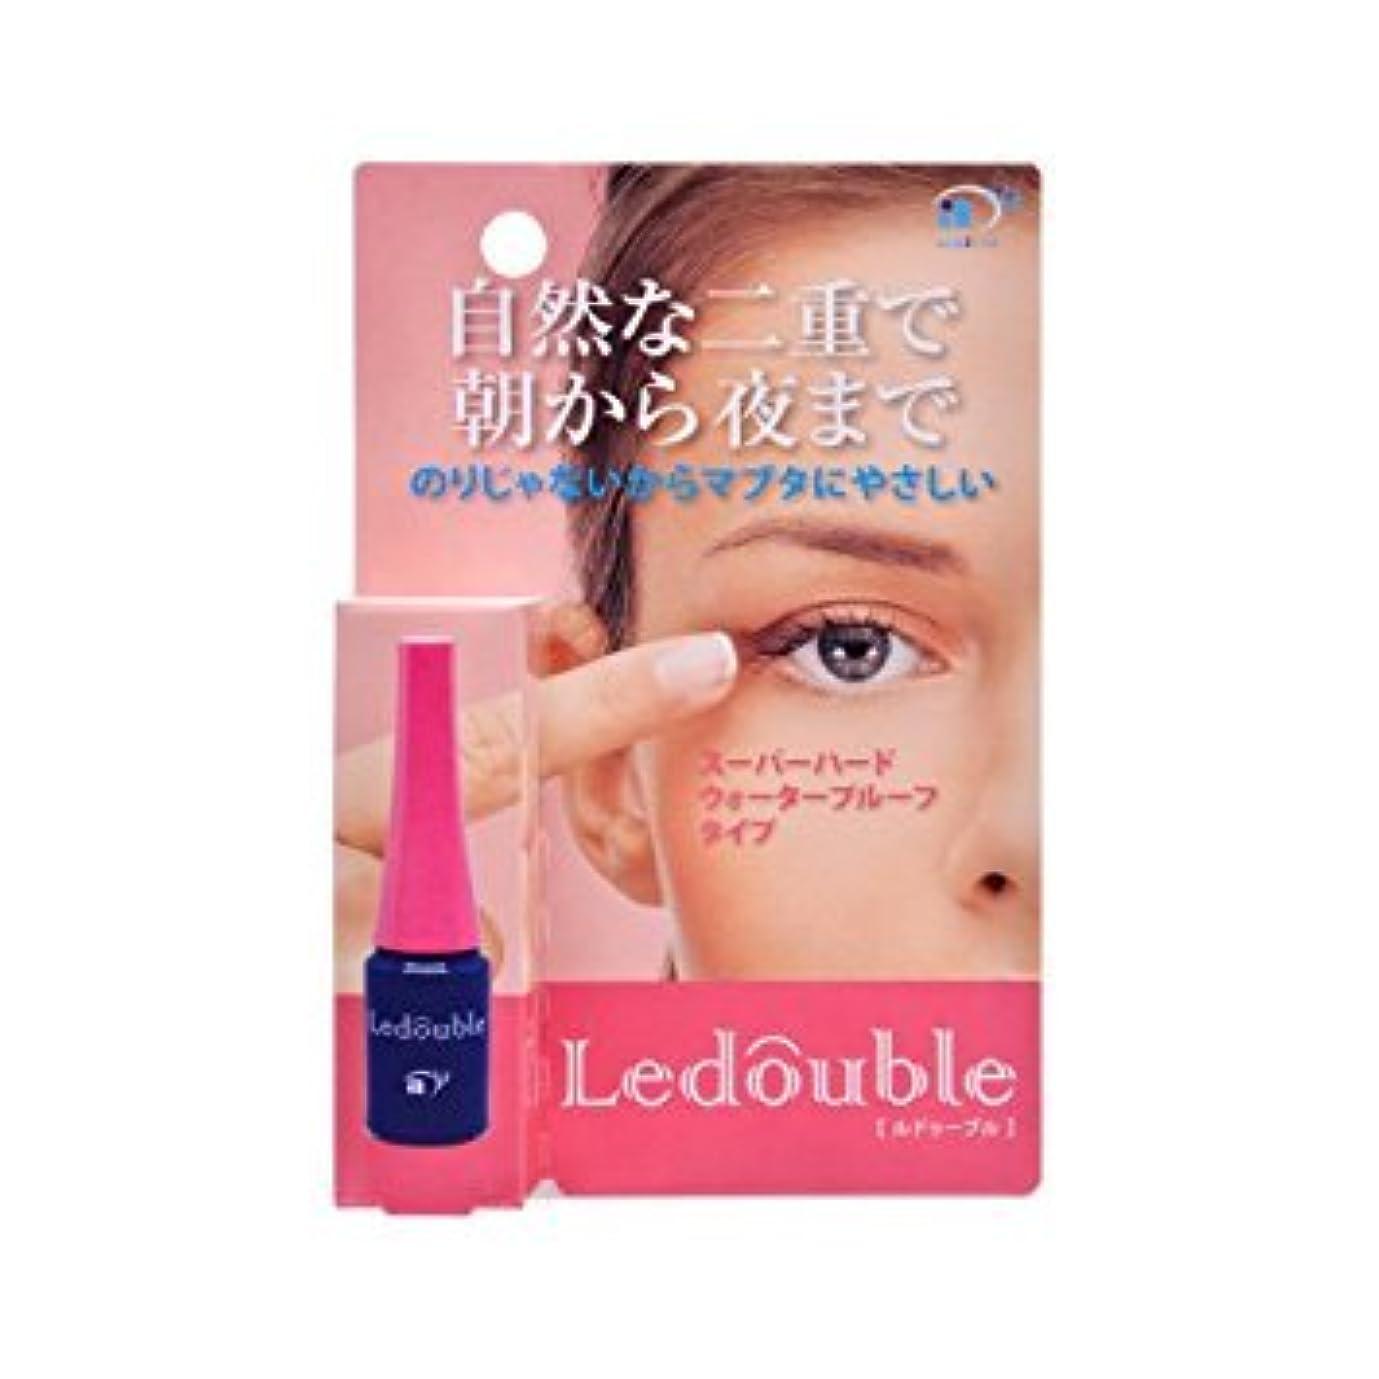 端自己尊重写真Ledouble [ルドゥーブル] 二重まぶた化粧品 (2mL) 2個セット [並行輸入品]